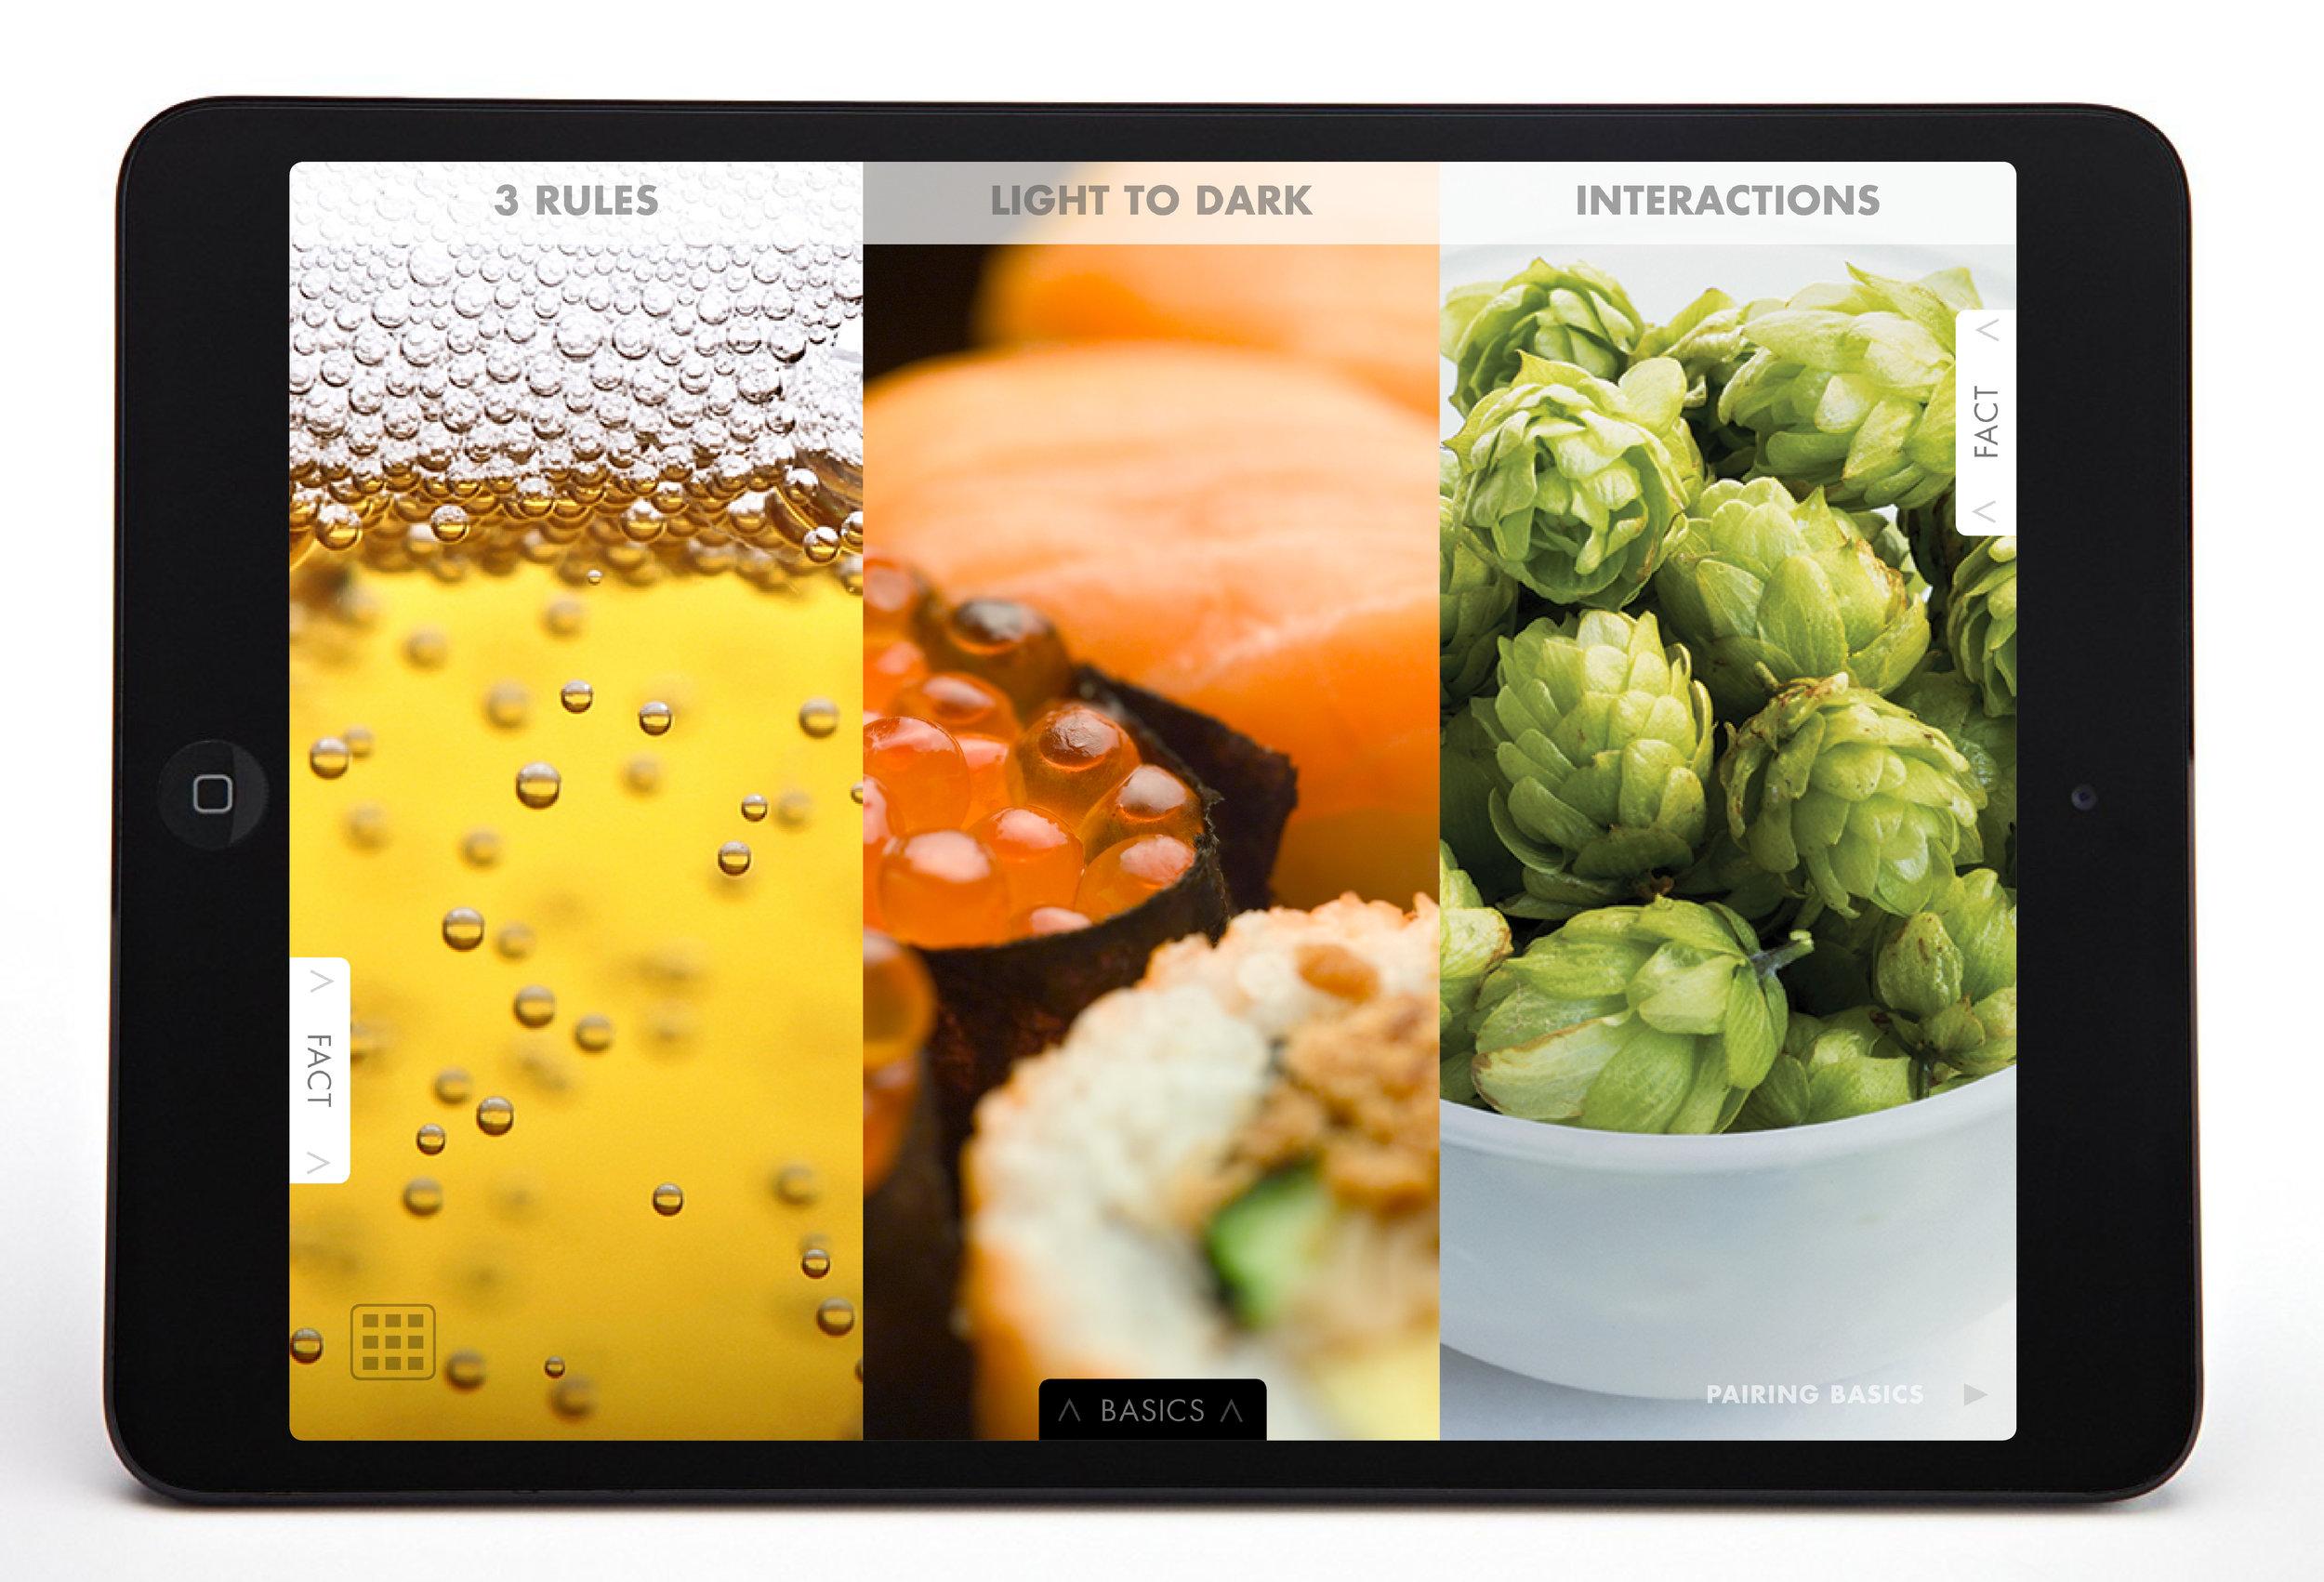 Heineken-food&beer pairing-interactive book14.jpg